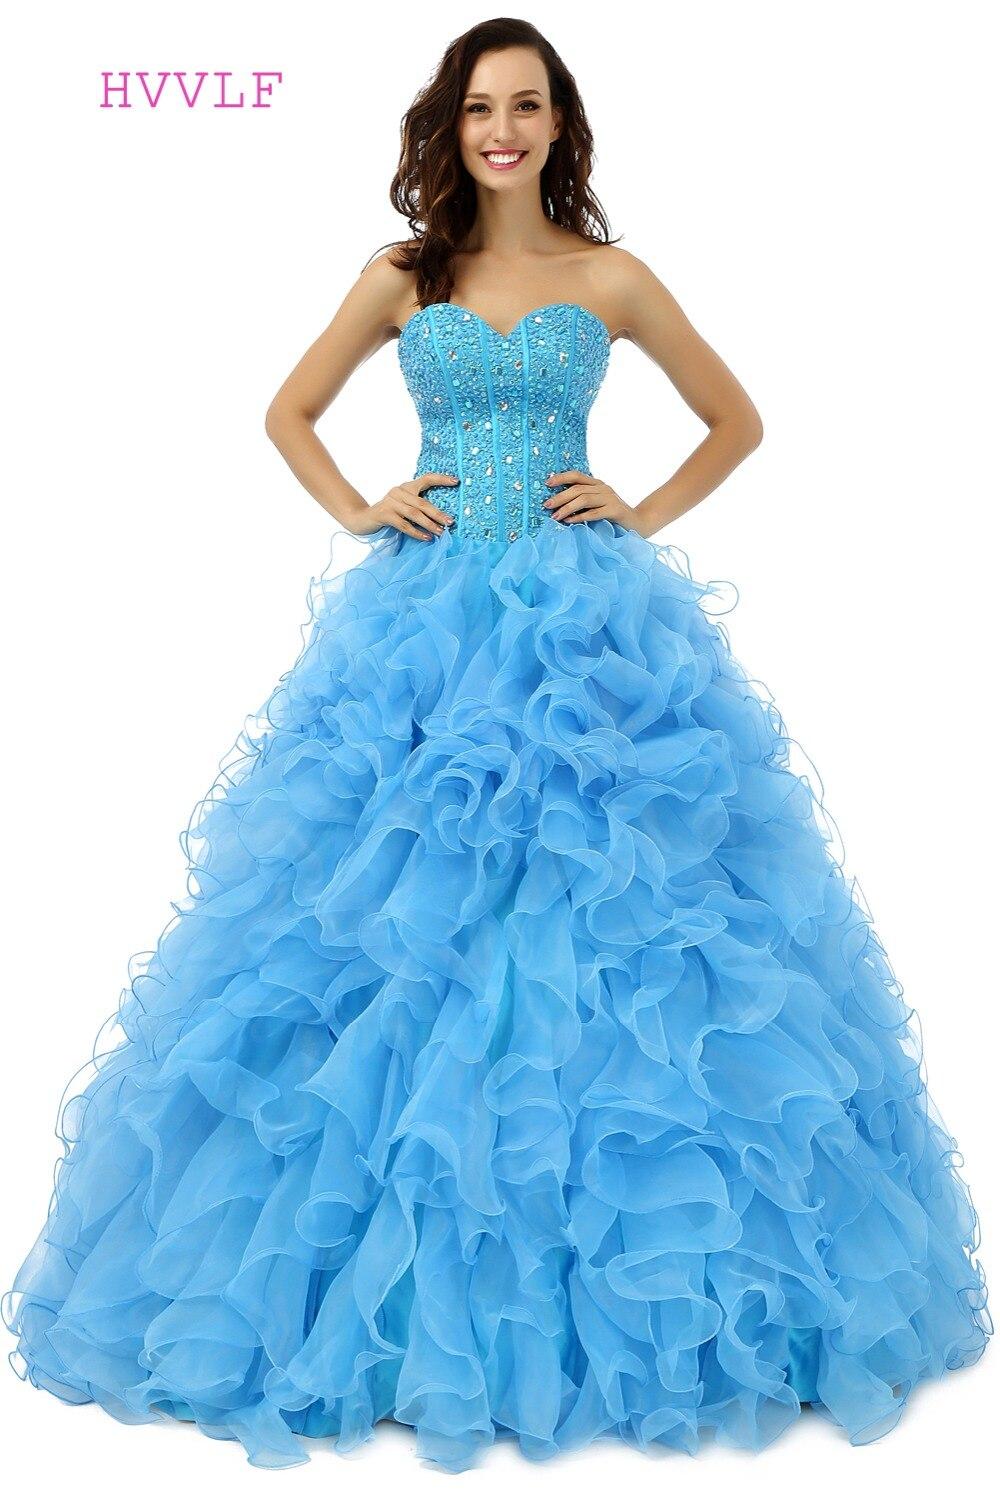 Bleu Quinceanera robes 2019 robe de bal chérie étage longueur Organza volants perles cristaux pas cher doux 16 robes